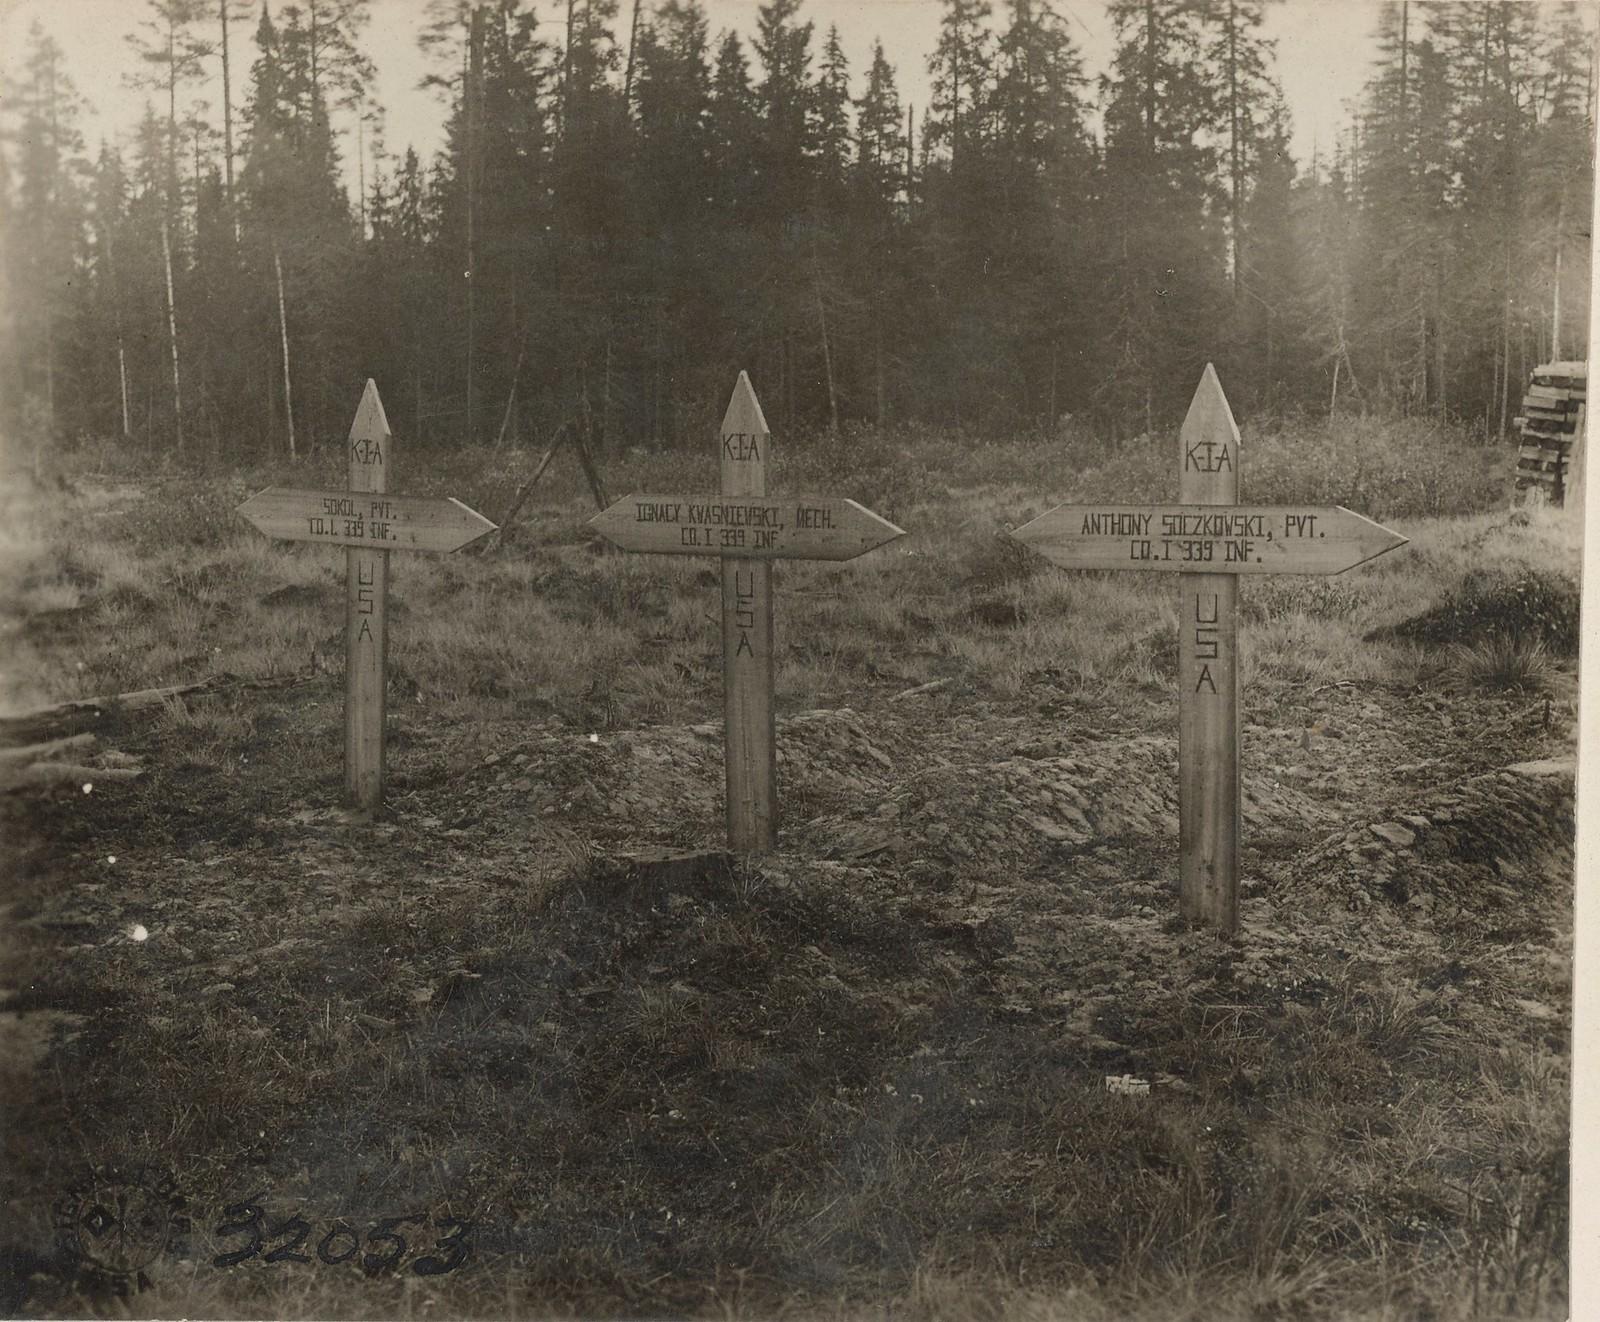 Обозерская. Могилы первых трех американских солдат, погибших на севрном фронте